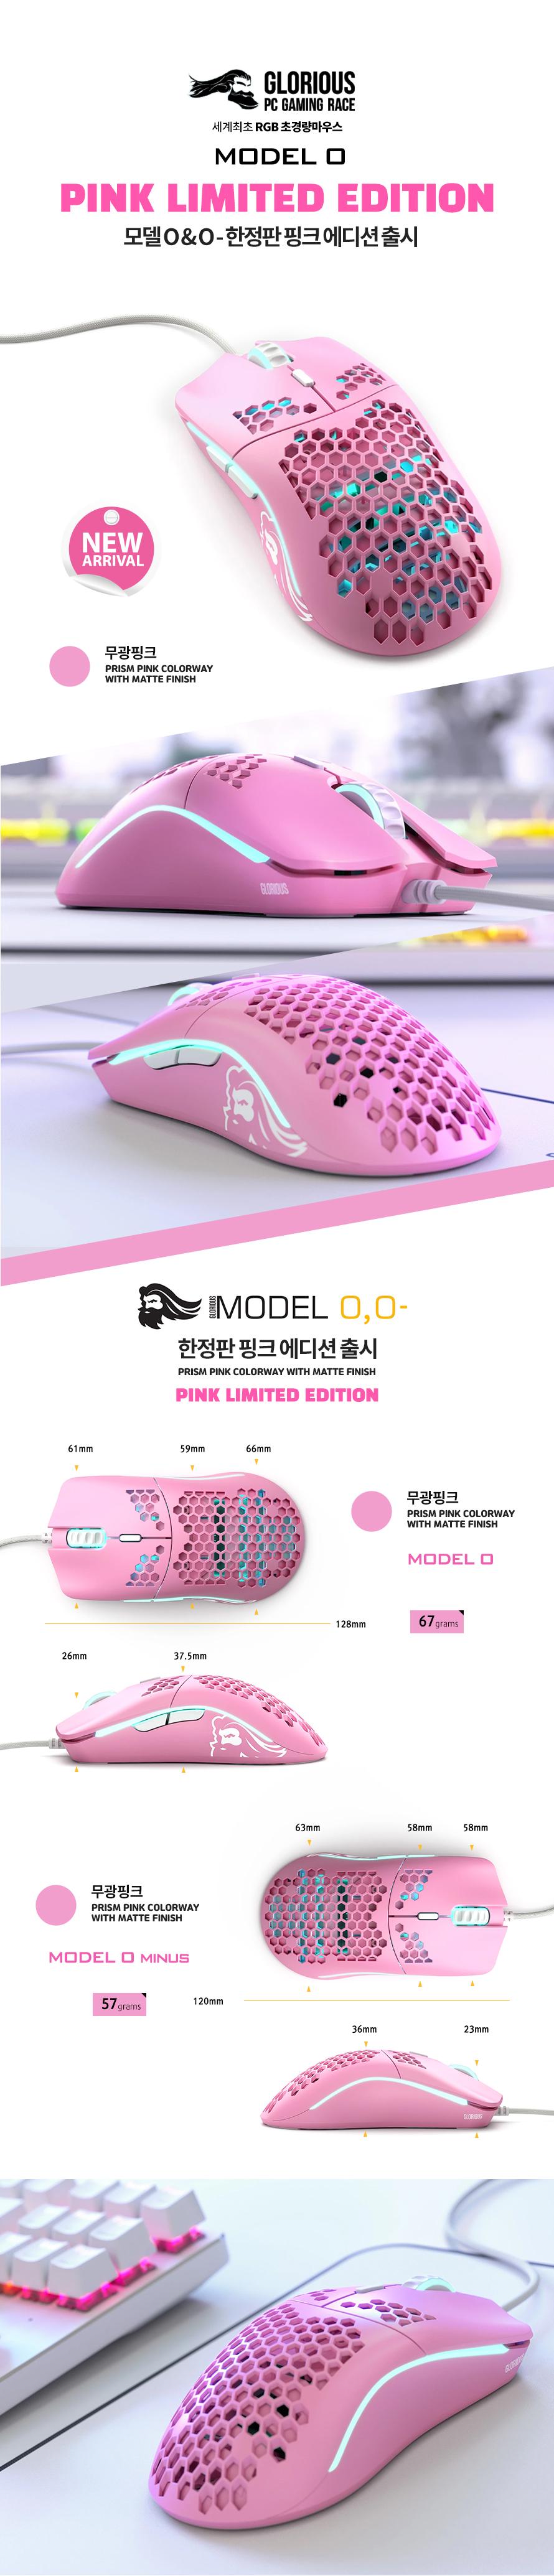 글로리어스 오딘 MODEL O- 마우스 (핑크)